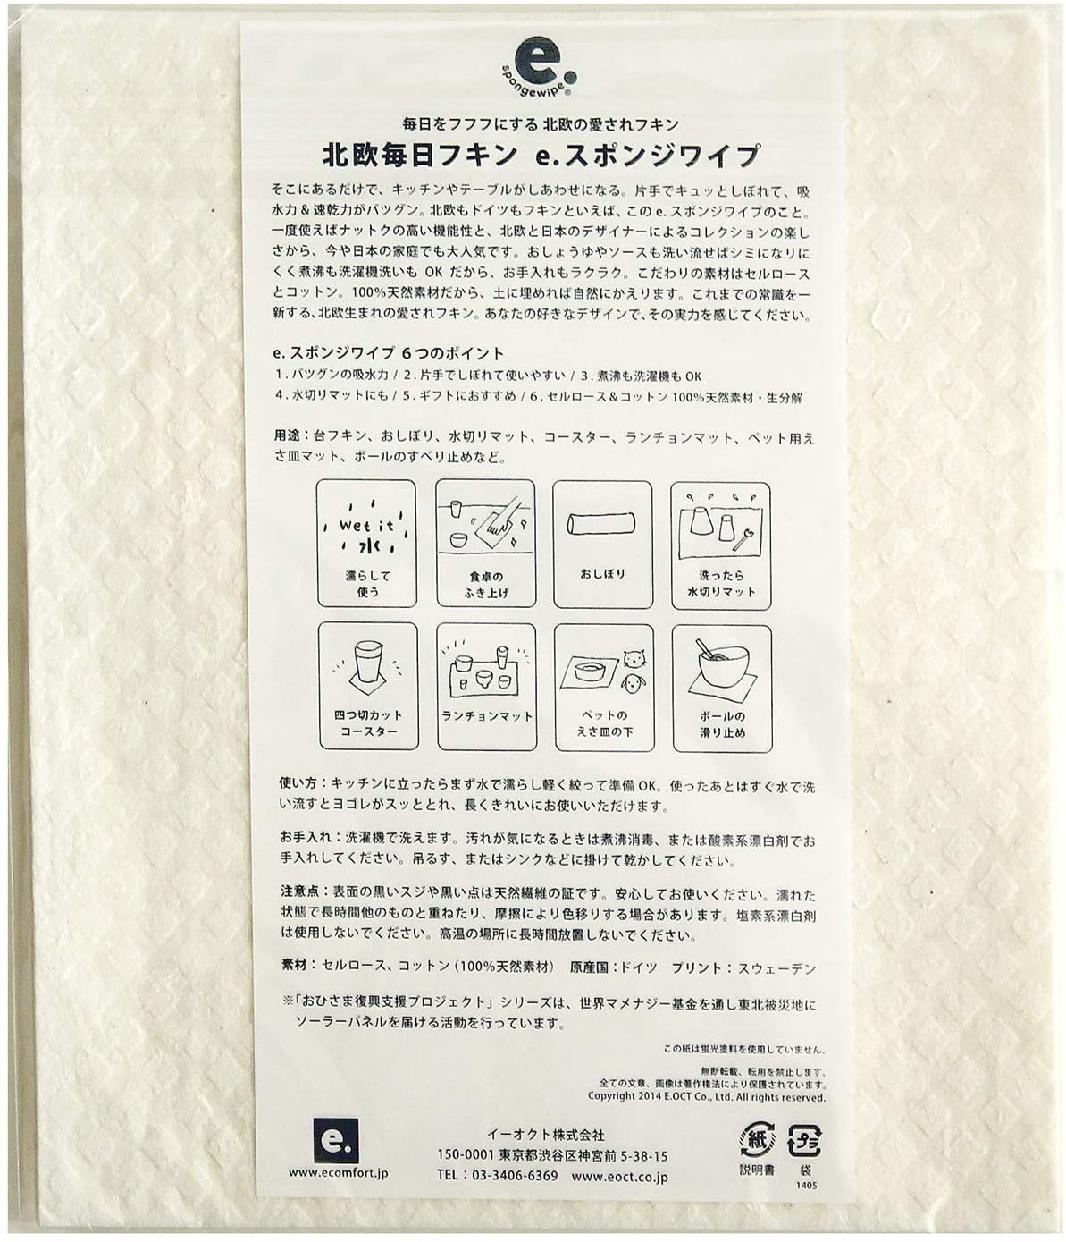 イースポンジワイフベングトカッテン ホワイト/グレー WX131139の商品画像2